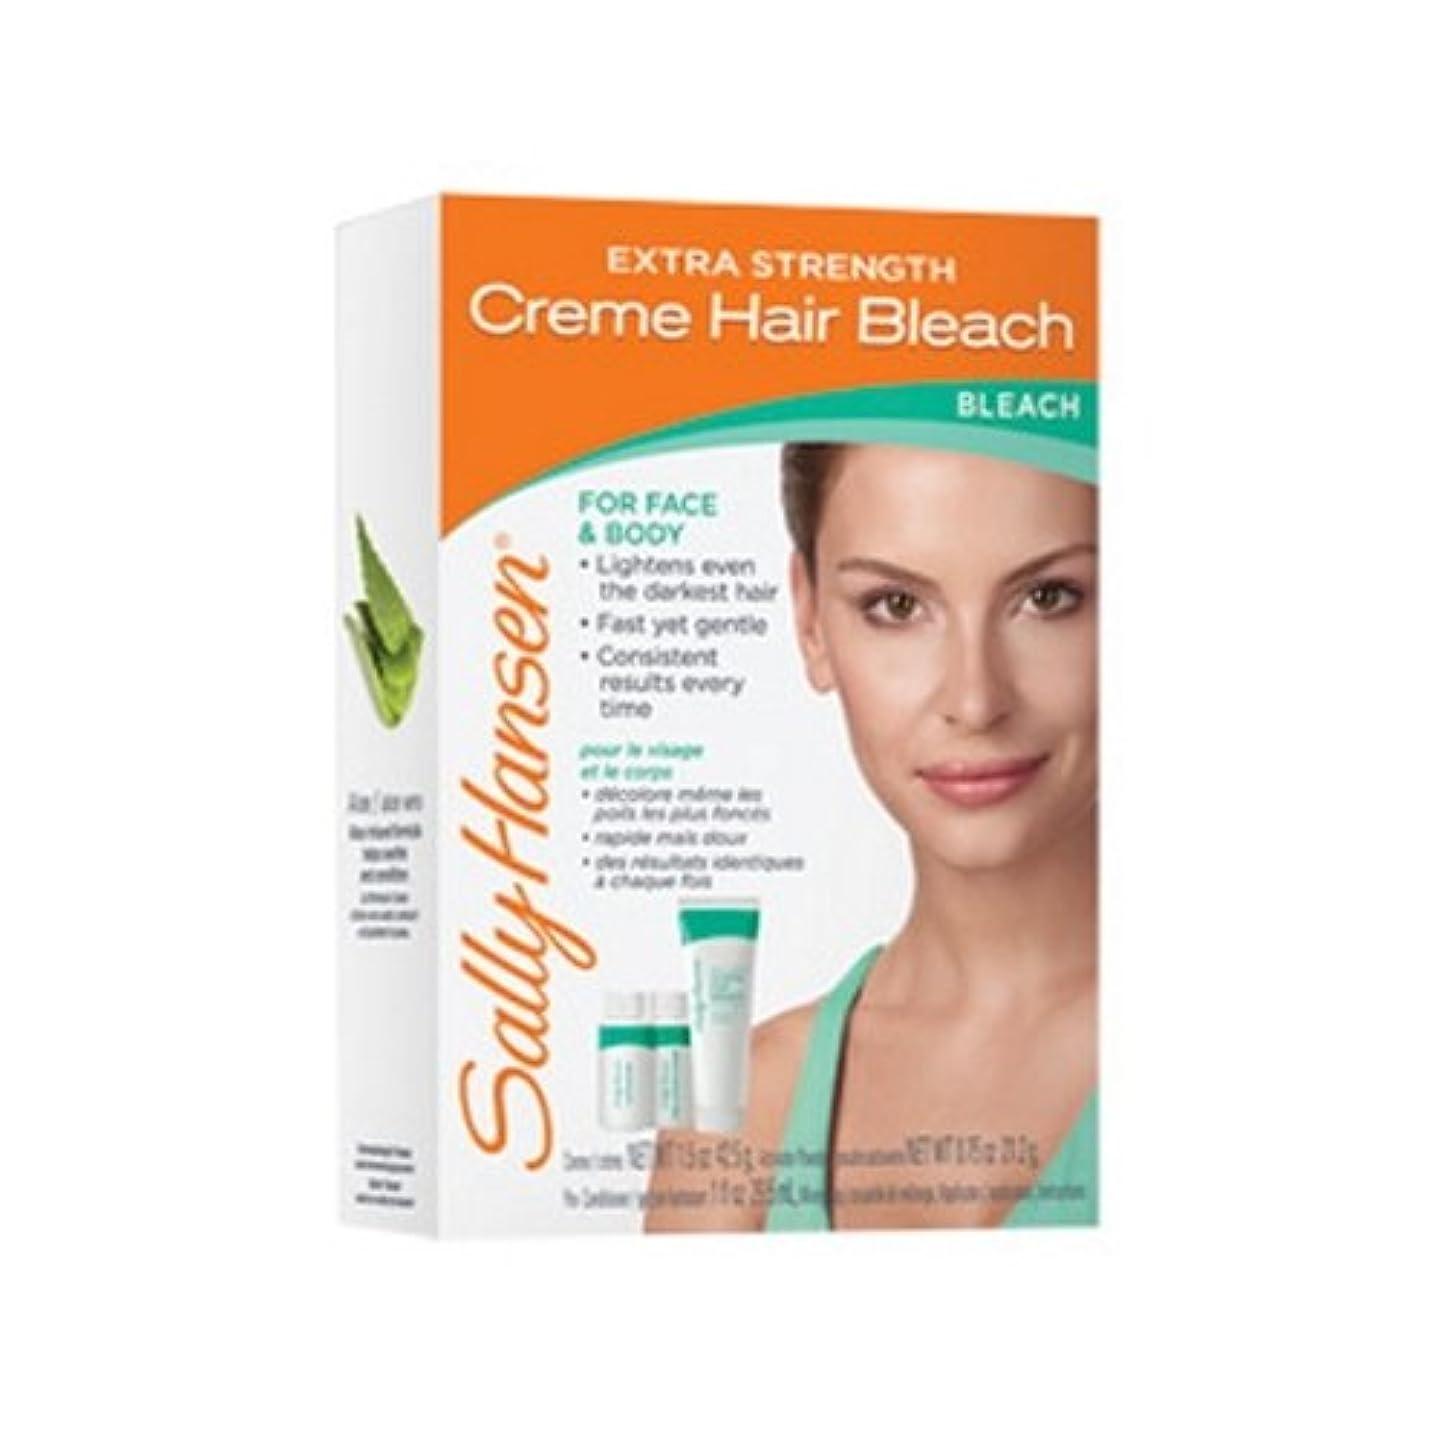 実験室姿勢普通のSALLY HANSEN Extra Strength Creme Hair Bleach for Face & Body - SH2010 (並行輸入品)